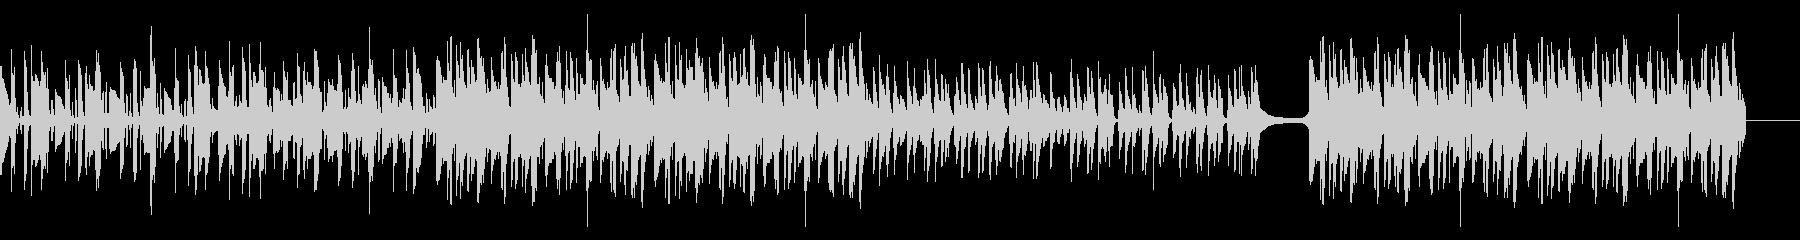 ほのぼのリズミカルなアコギ劇伴の未再生の波形